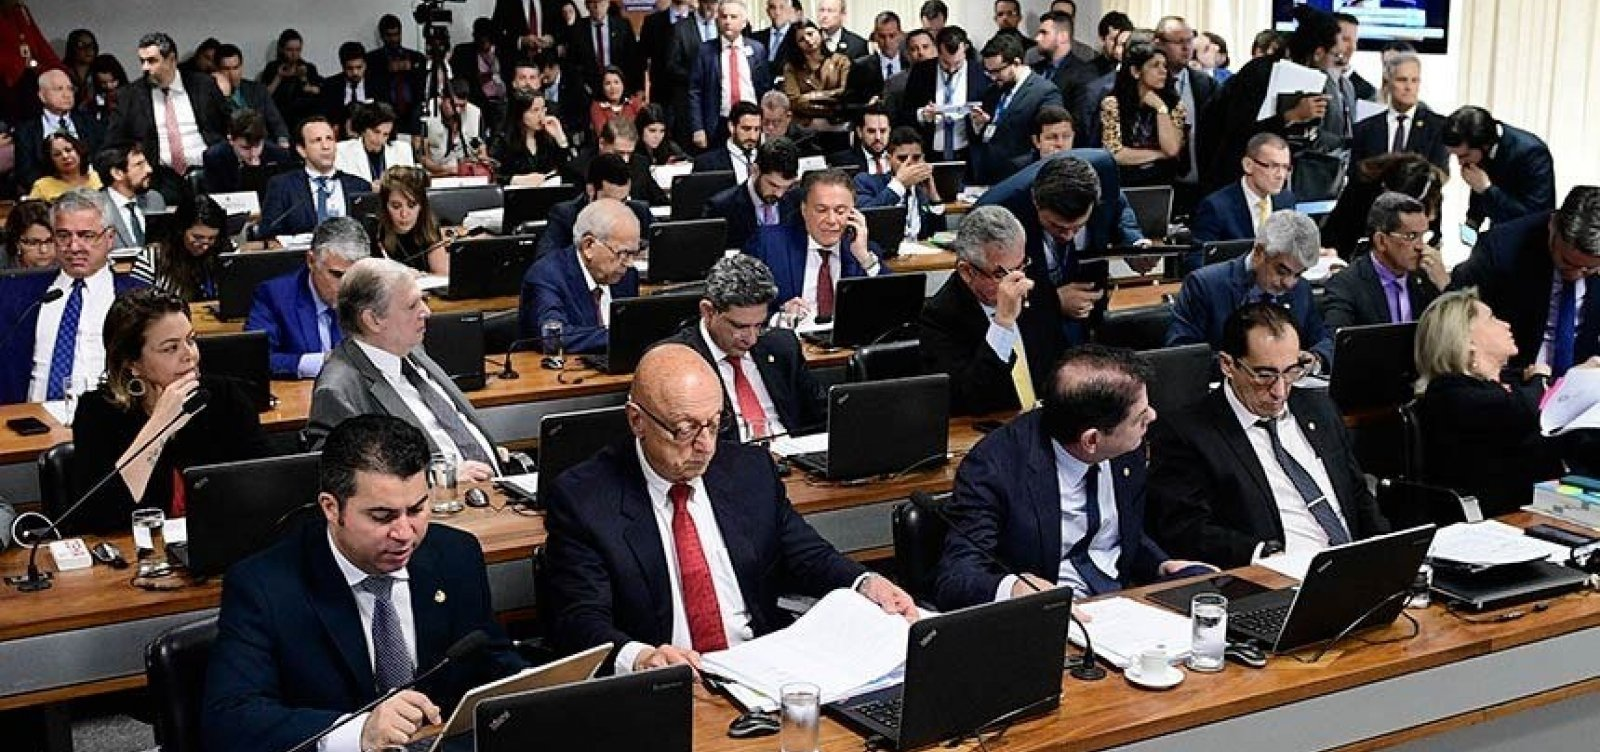 [Adiada votação sobre perda de mandato para condenados pela Ficha Limpa em comissão do Senado]